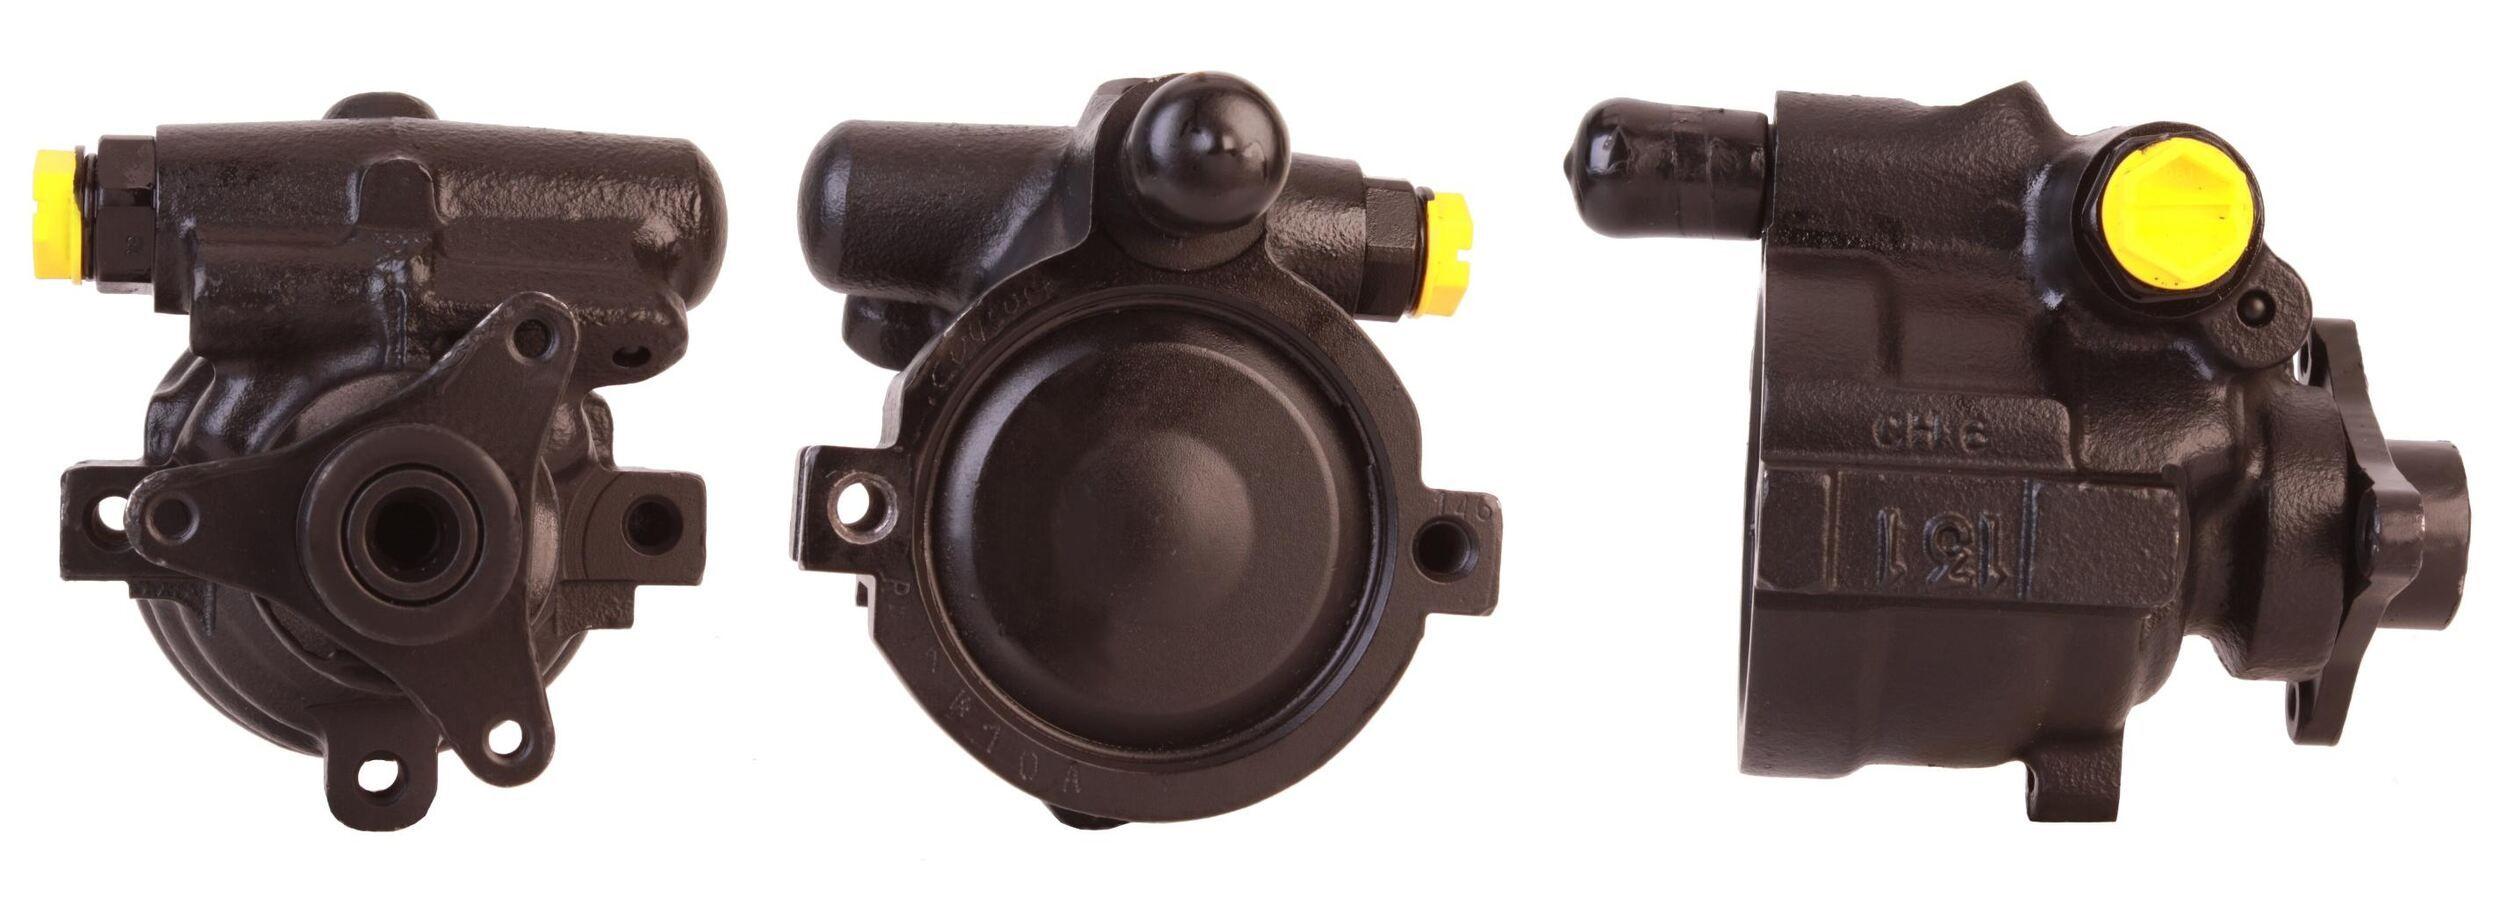 NISSAN ROGUE Servolenkung Pumpe - Original DRI 715520251 Druck [bar]: 85bar